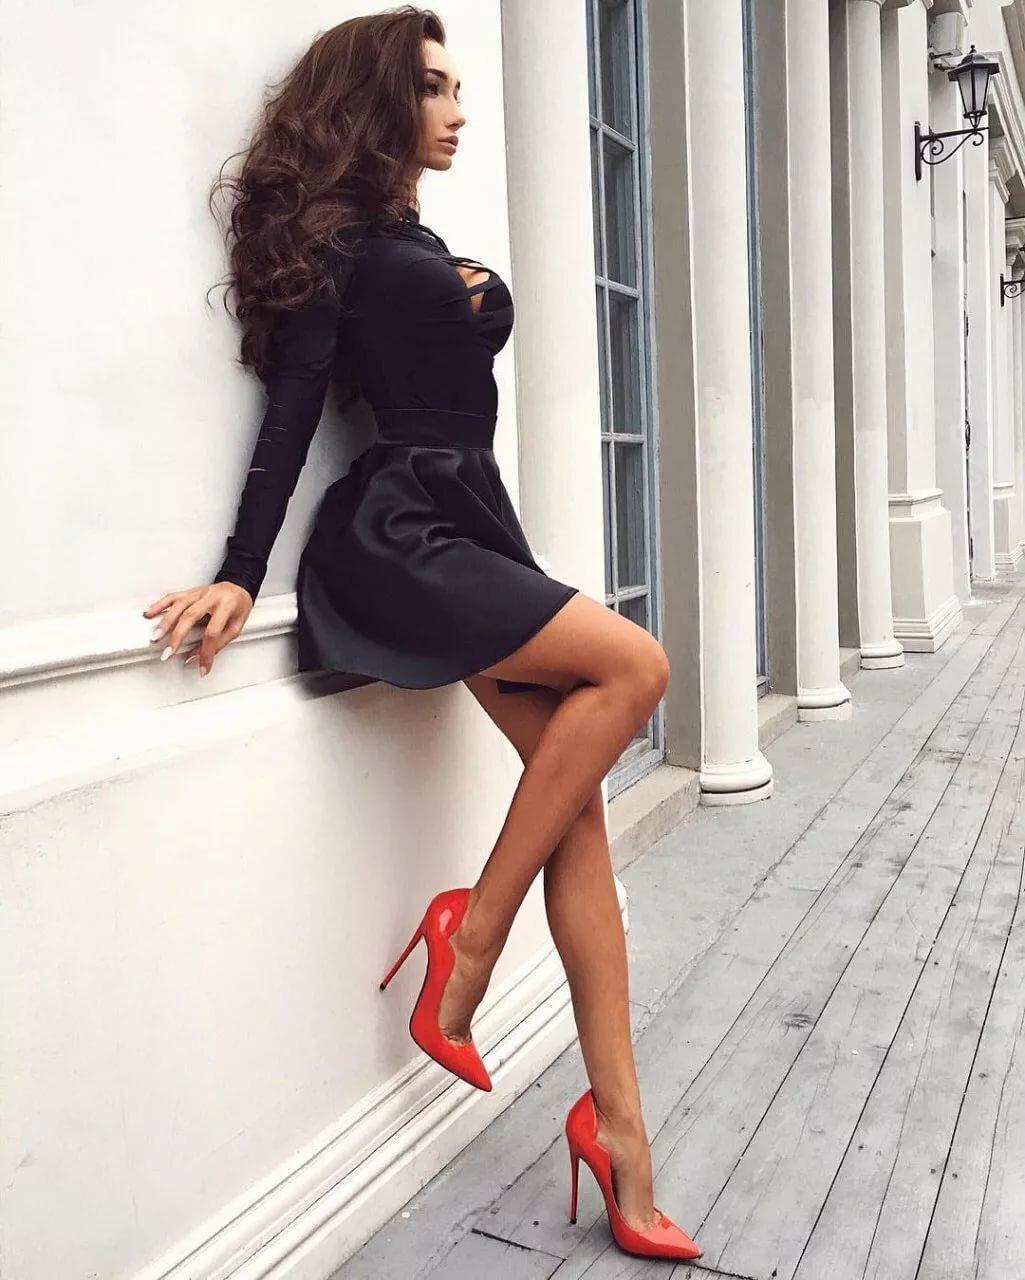 Картинки девушки в платьях и на высоких каблуках